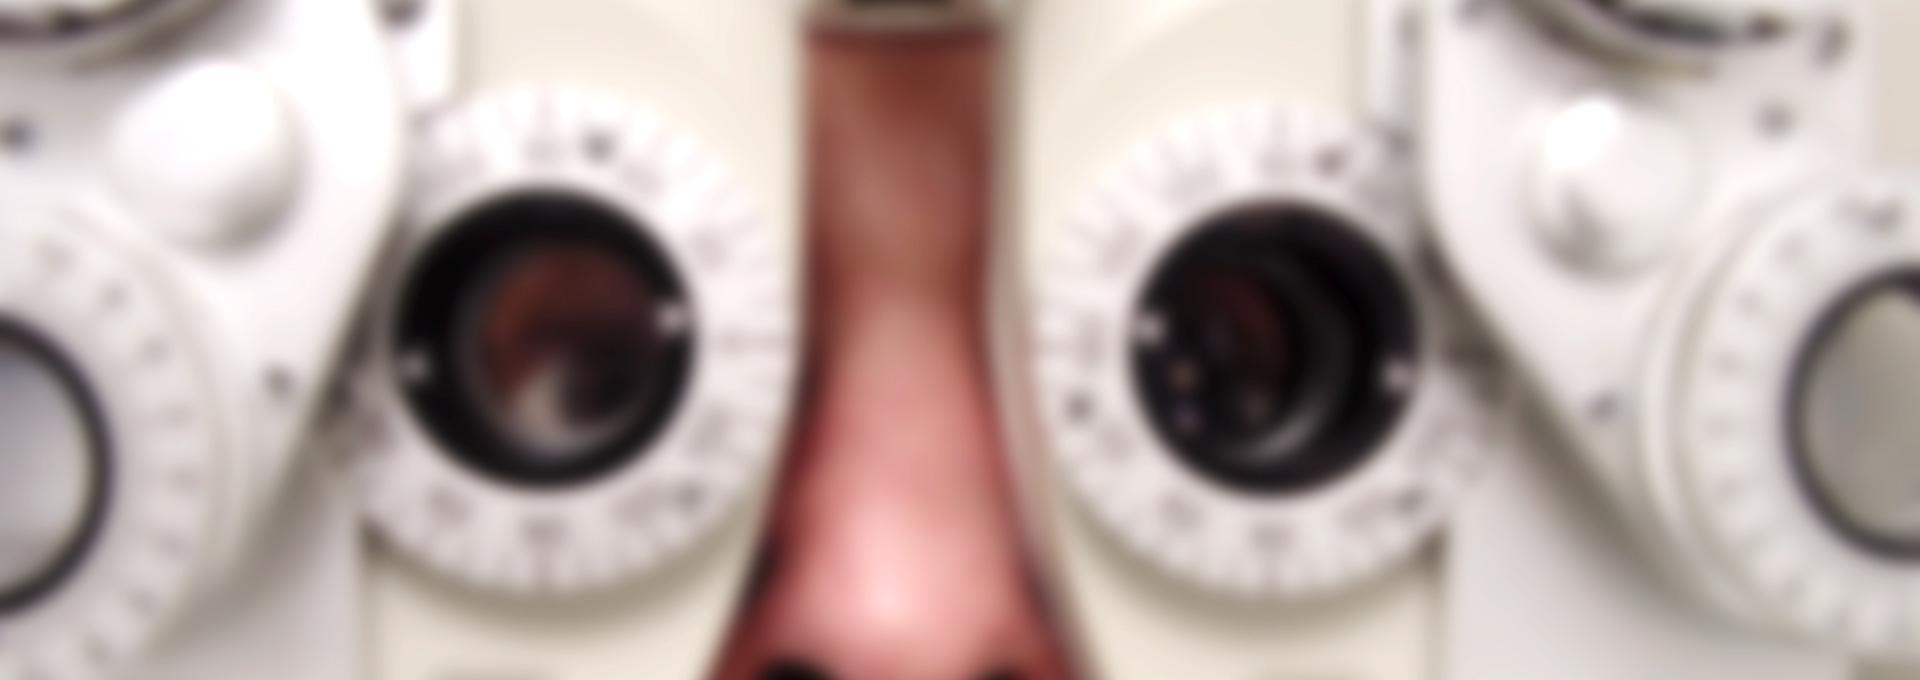 sehenswert-optiker-wasserburg-sehtest-header